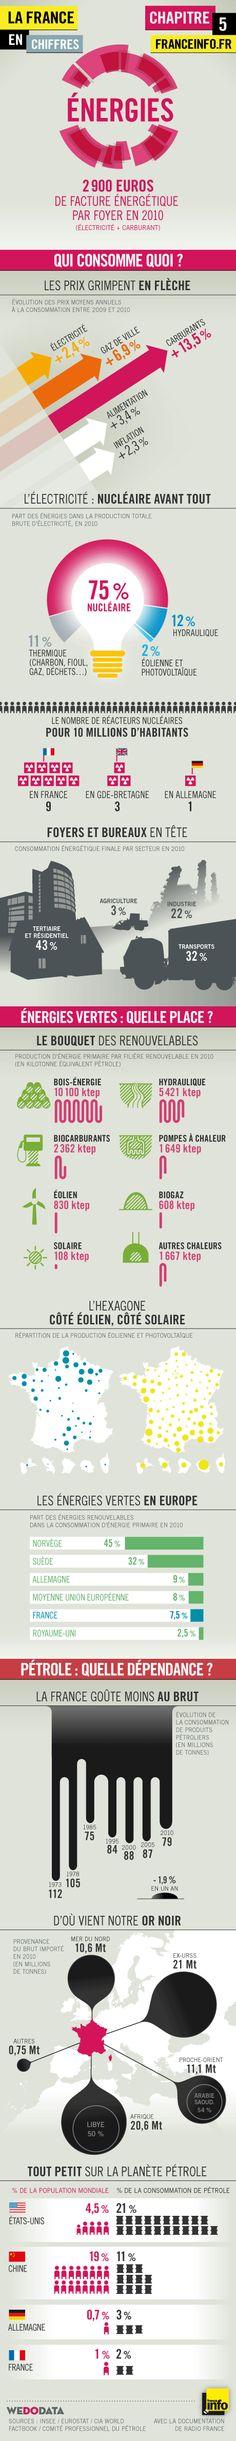 Infographies | La France en chiffres : l'énergie - Politique - France Info